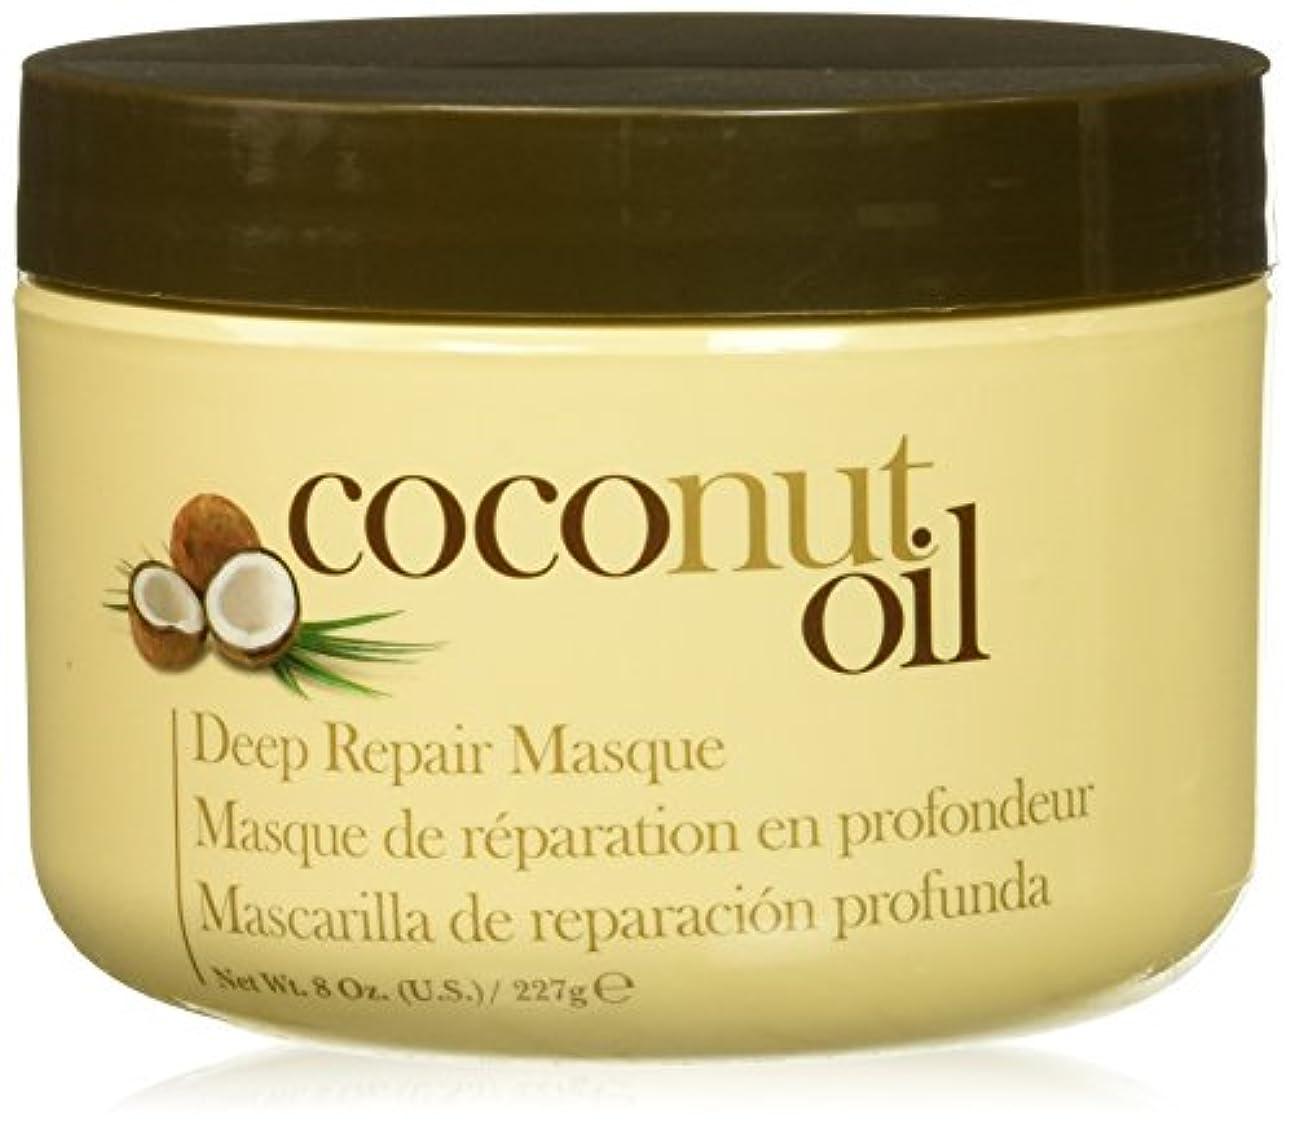 保護するインディカ郵便局Hair Chemist ヘアマスク ココナッツ オイル ディープリペアマスク 227g Coconut Oil Deep Repair Mask 1474 New York